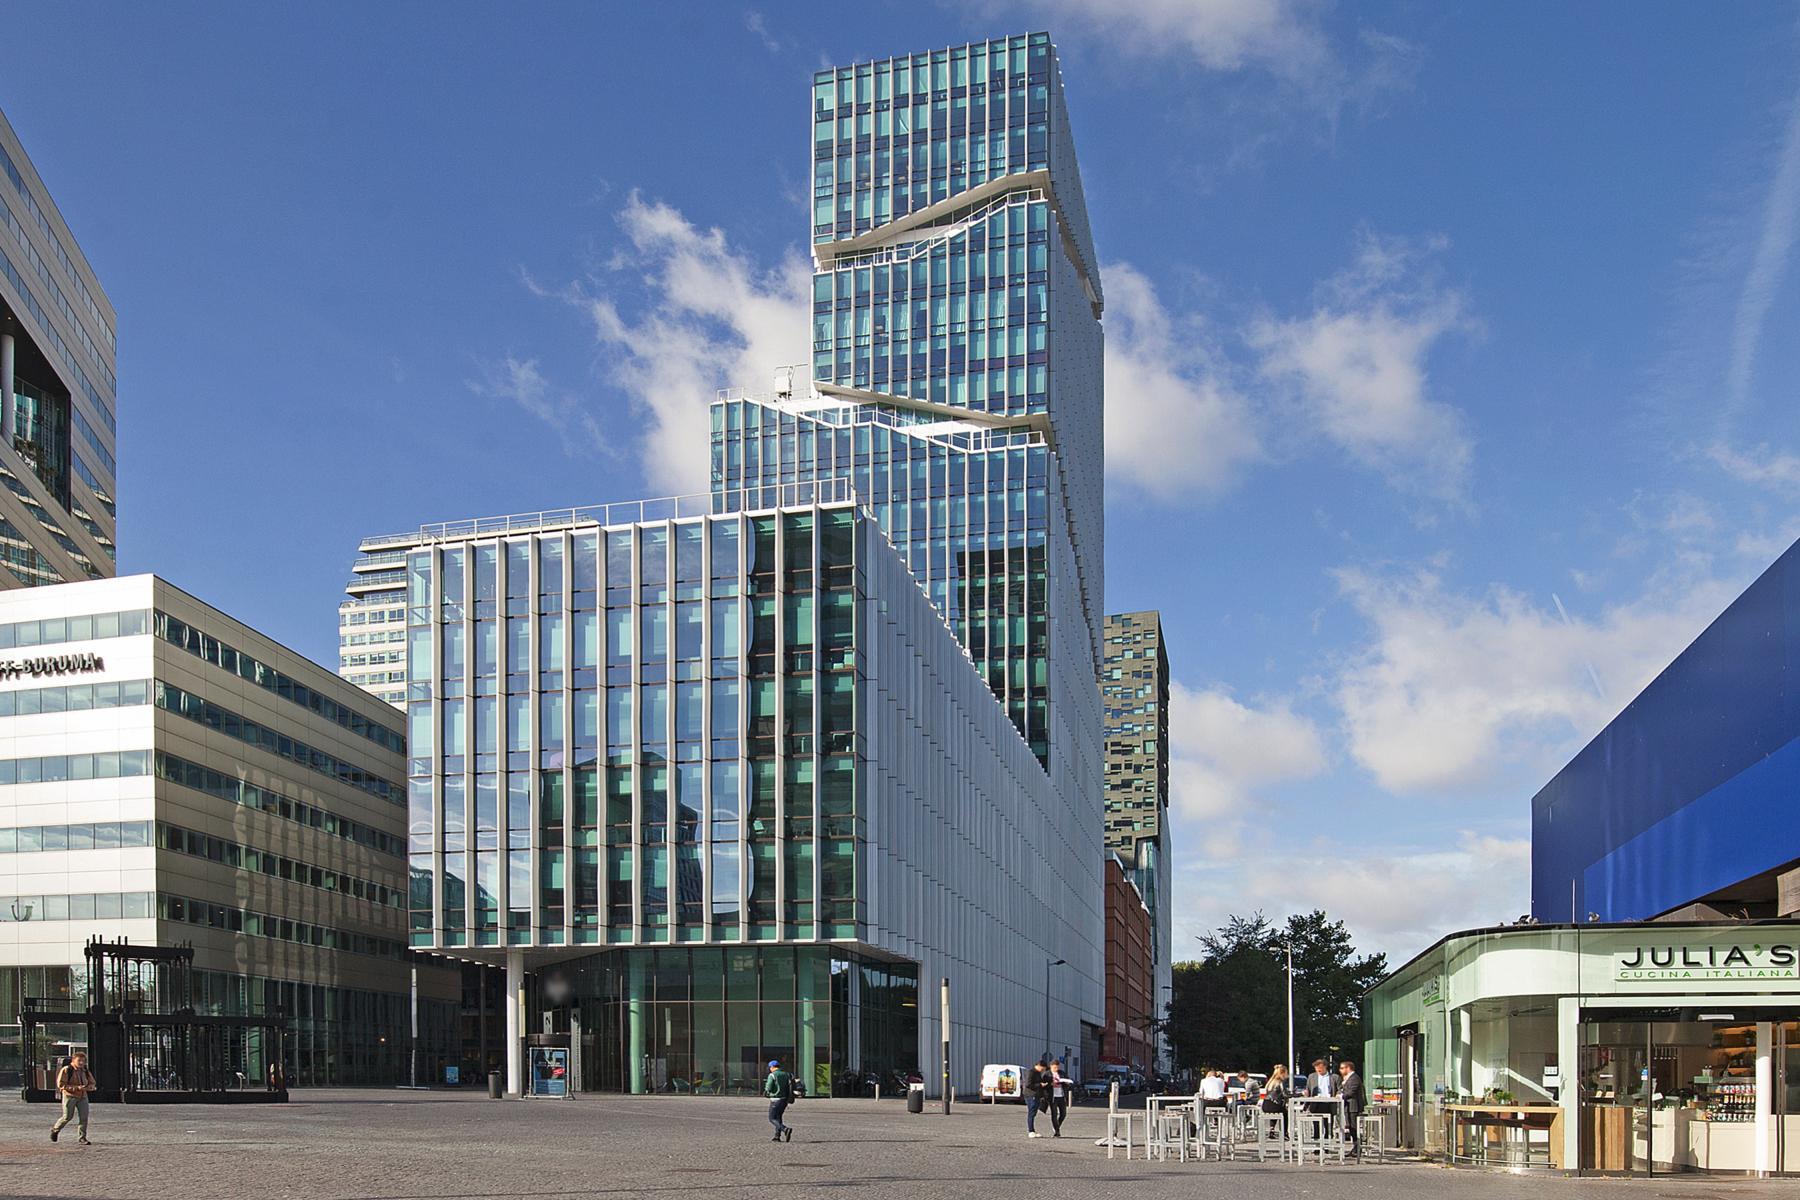 kantoorpand kantoorgebouw gevel Amsterdam Zuidas